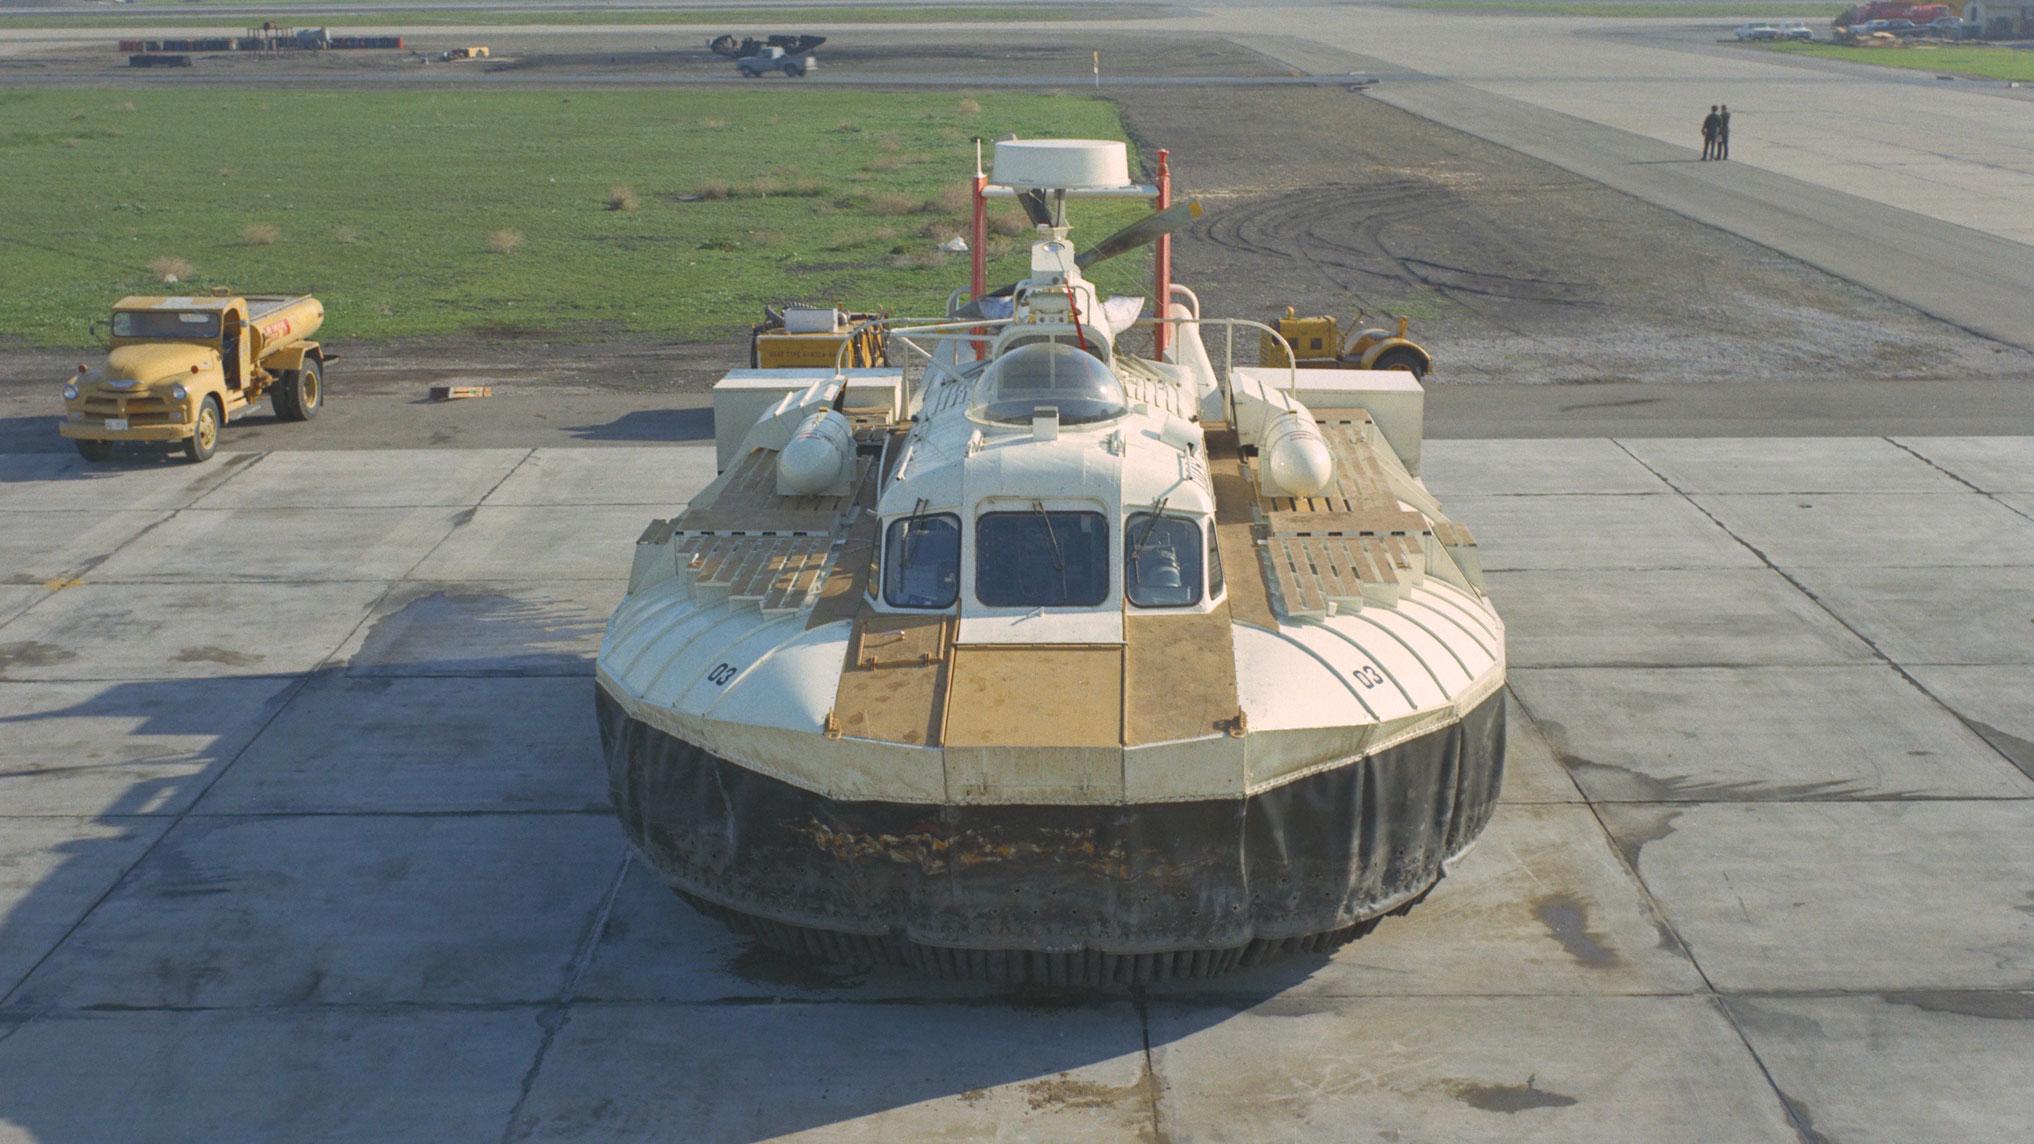 NASA hovercraft vehicle